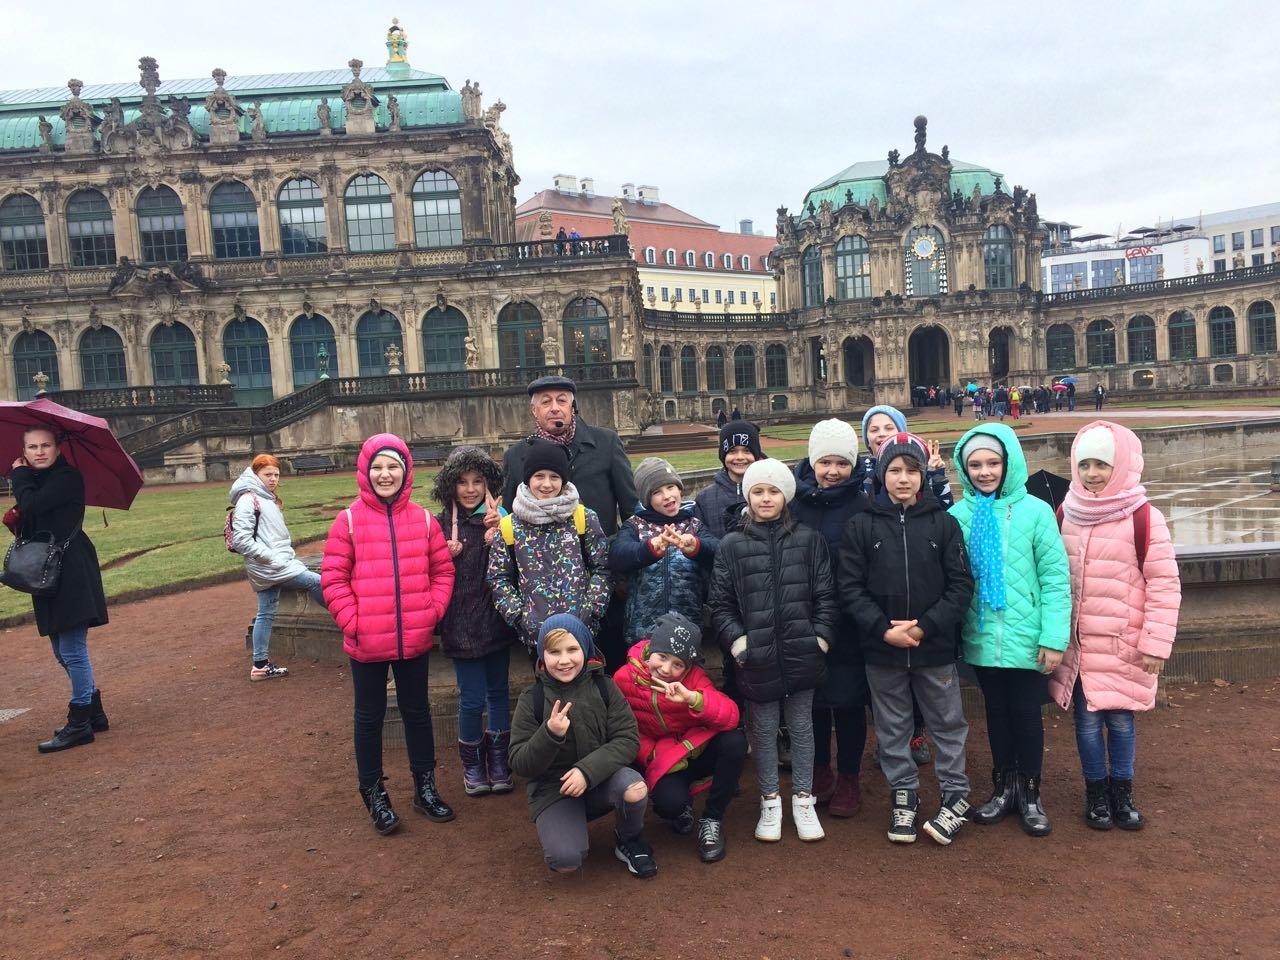 """Подорож """"Бліца"""" по Європі: перемога на """"Празькому зорепаді"""" та пригоди у Дрездені  (ІНТЕРВ'Ю, ФОТО), фото-4"""